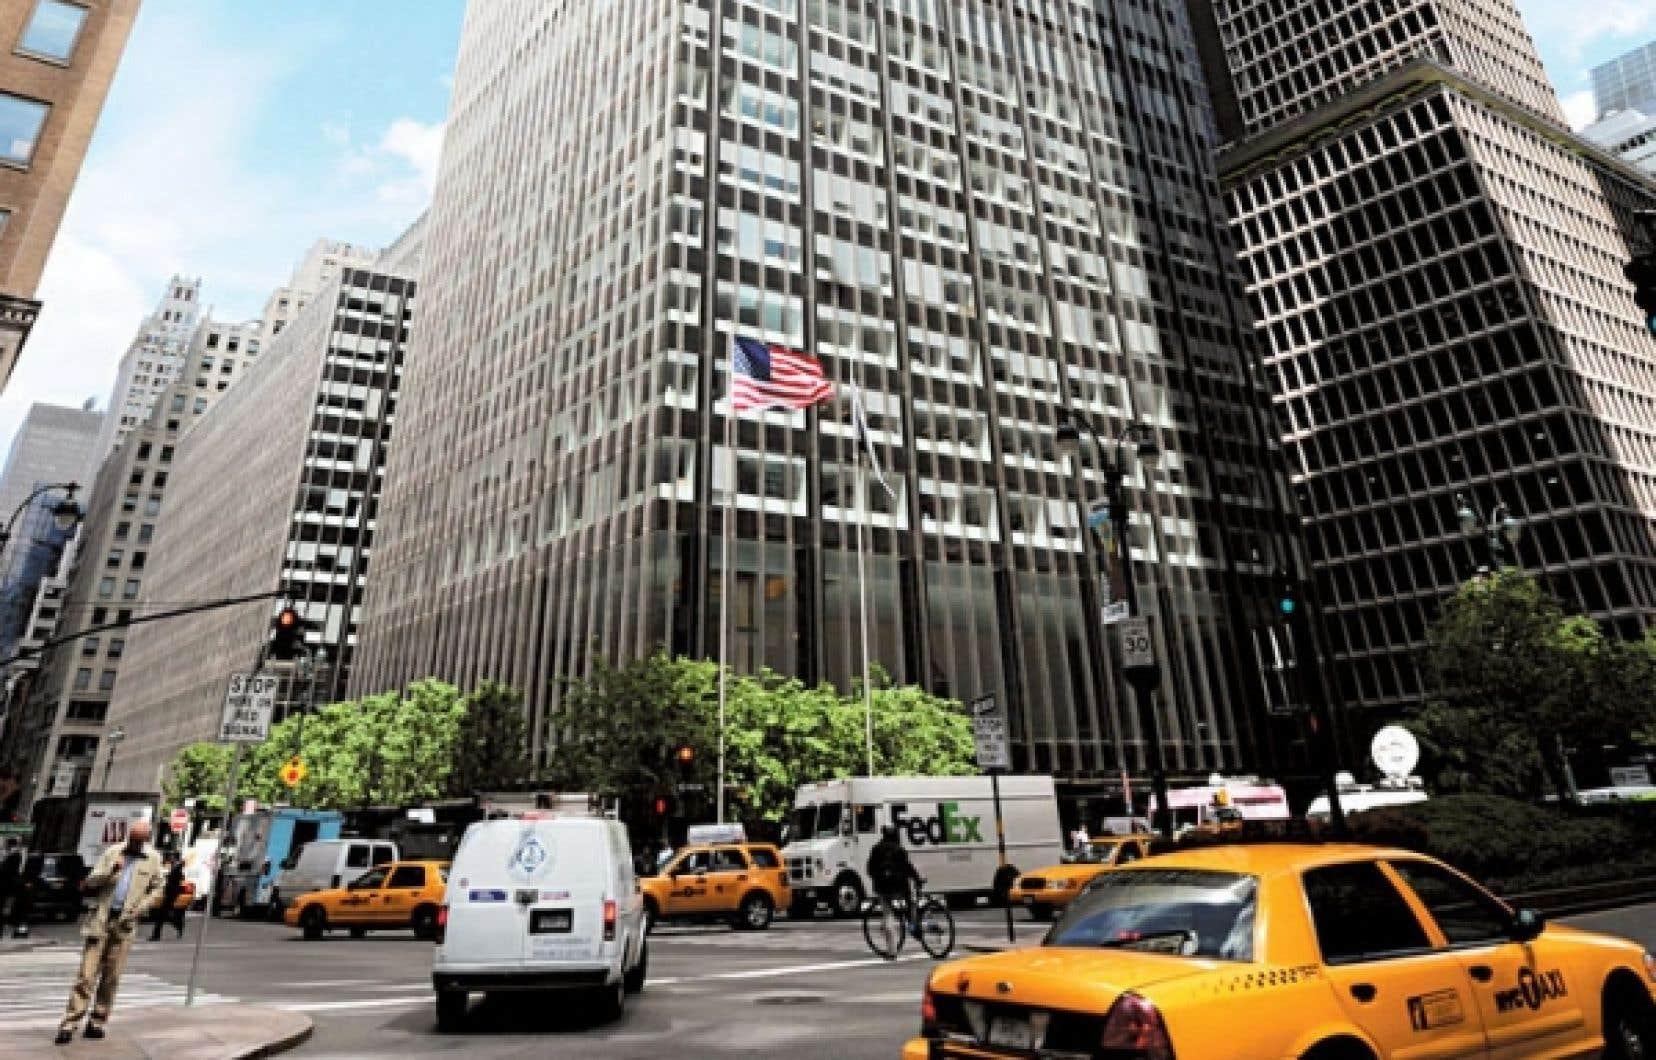 Le siège social de la banque américaine JP Morgan Chase, à New York, qui avait révélé une perte-surprise de 2 milliards au printemps dernier.